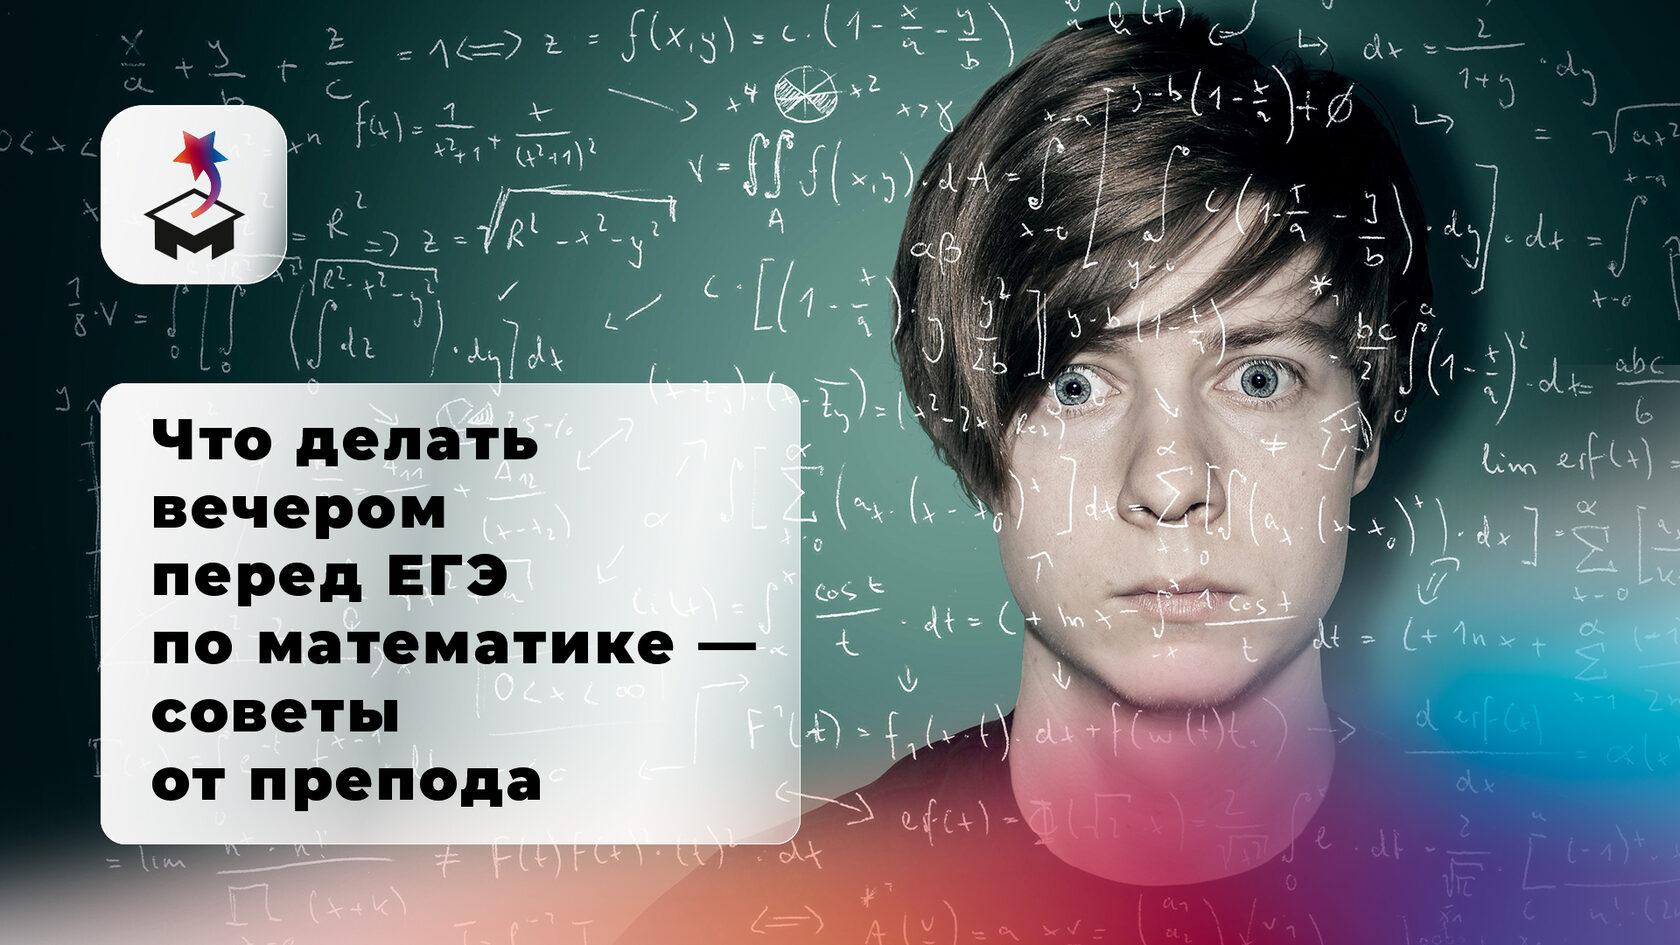 Юноша и математические формулы